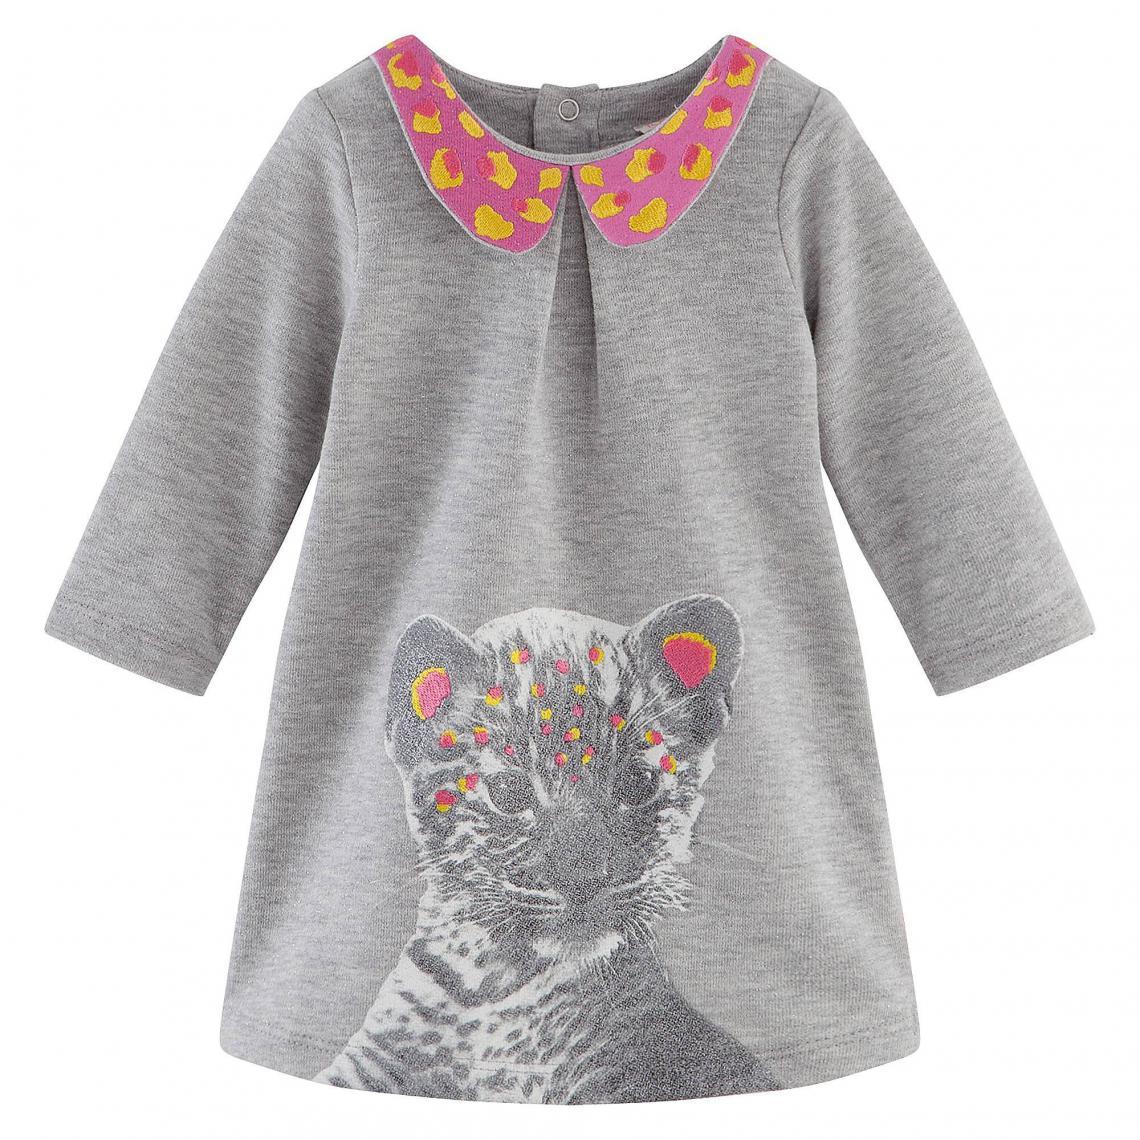 f486c9f56bfe4 Robe brodée molleton pailleté imprimé bébé tigre fille Billieblush - Gris Billie  Blush Enfant